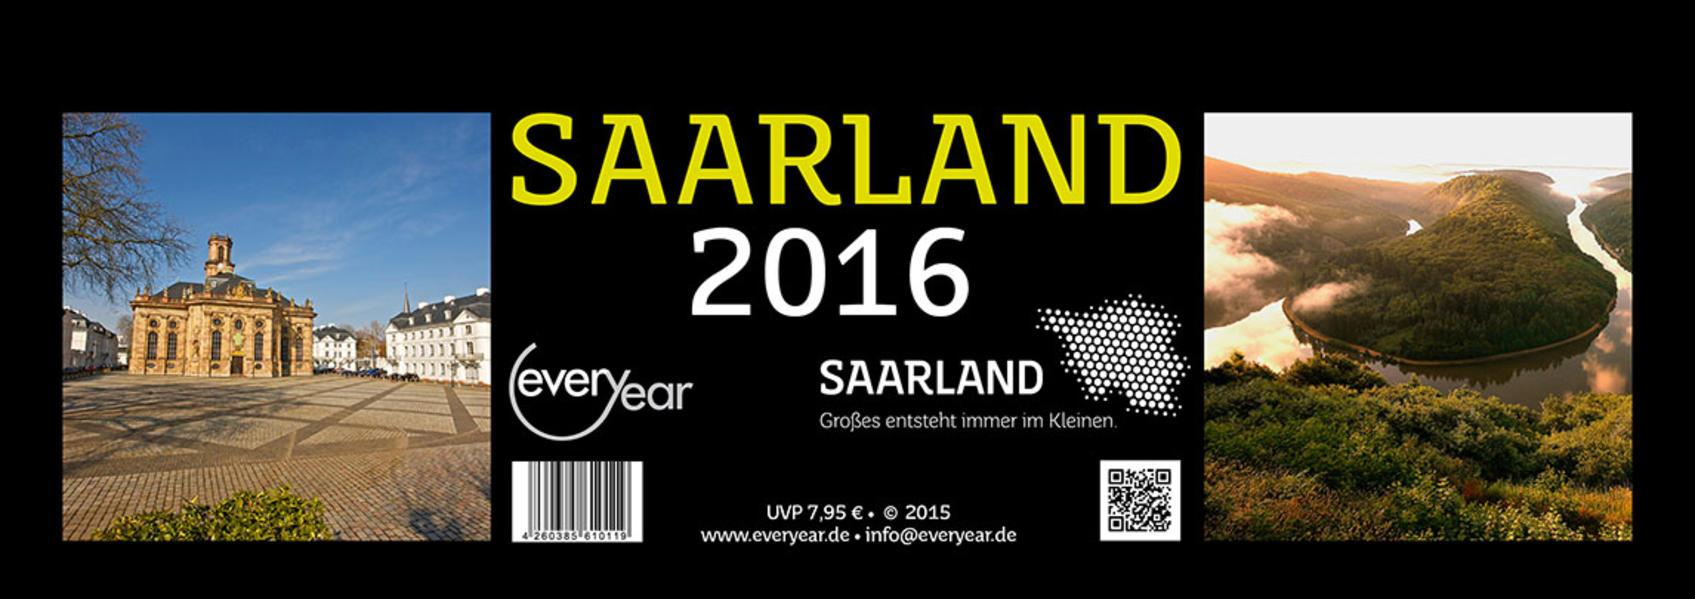 SAARLAND 2016 (schwarz) - Coverbild